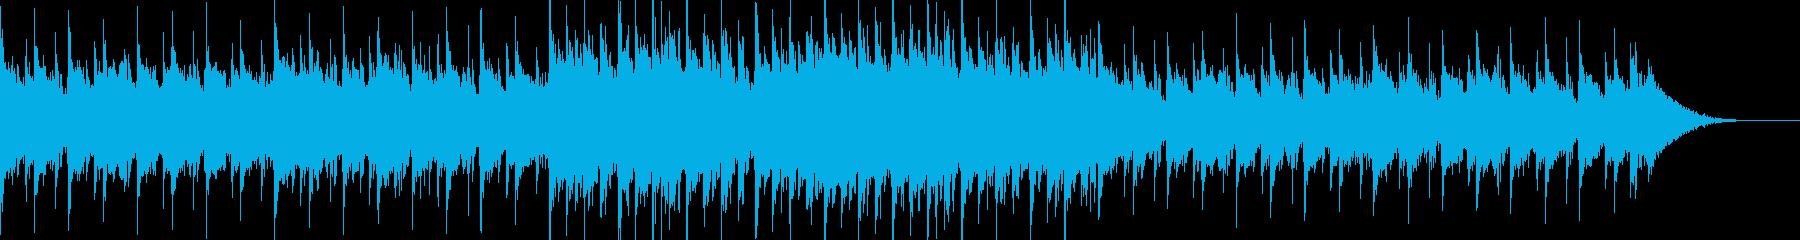 暗い感じのピアノシネマティックの再生済みの波形